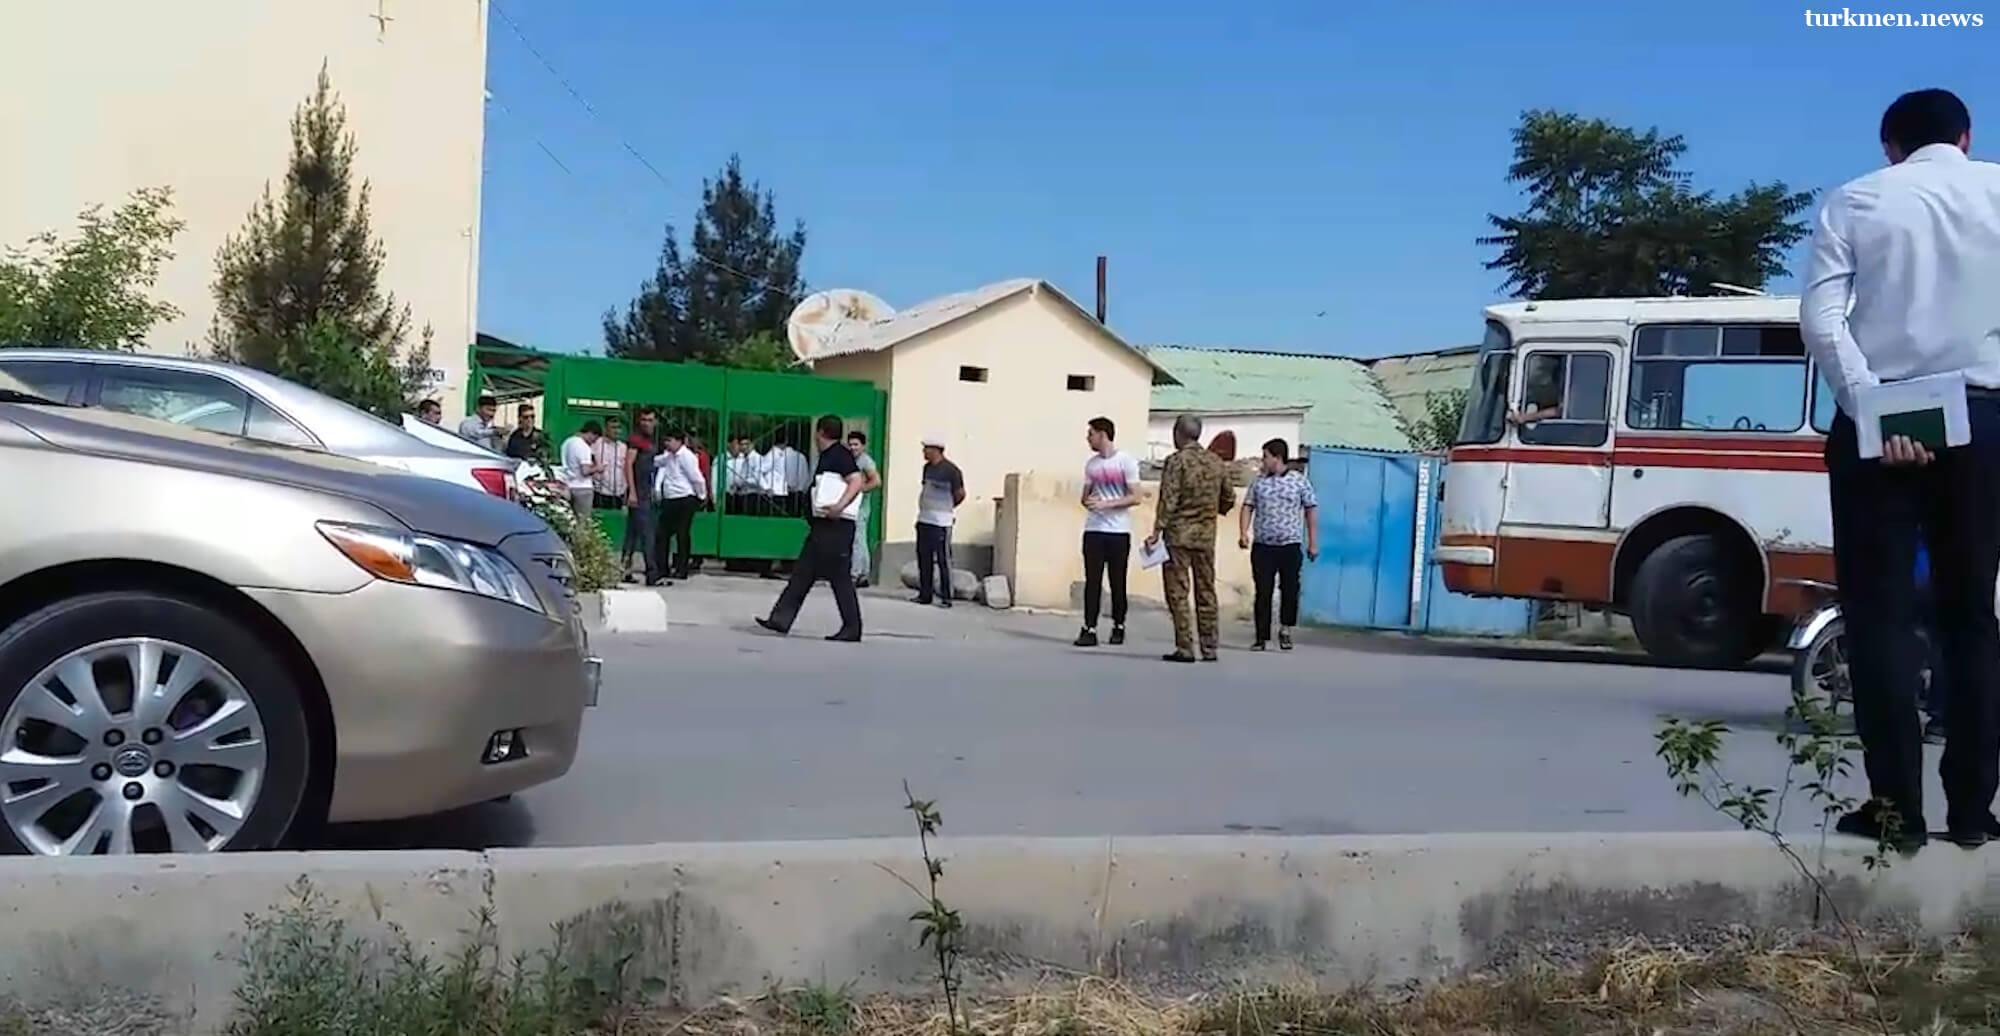 В Туркменистане начали призывать в армию студентов зарубежных вузов